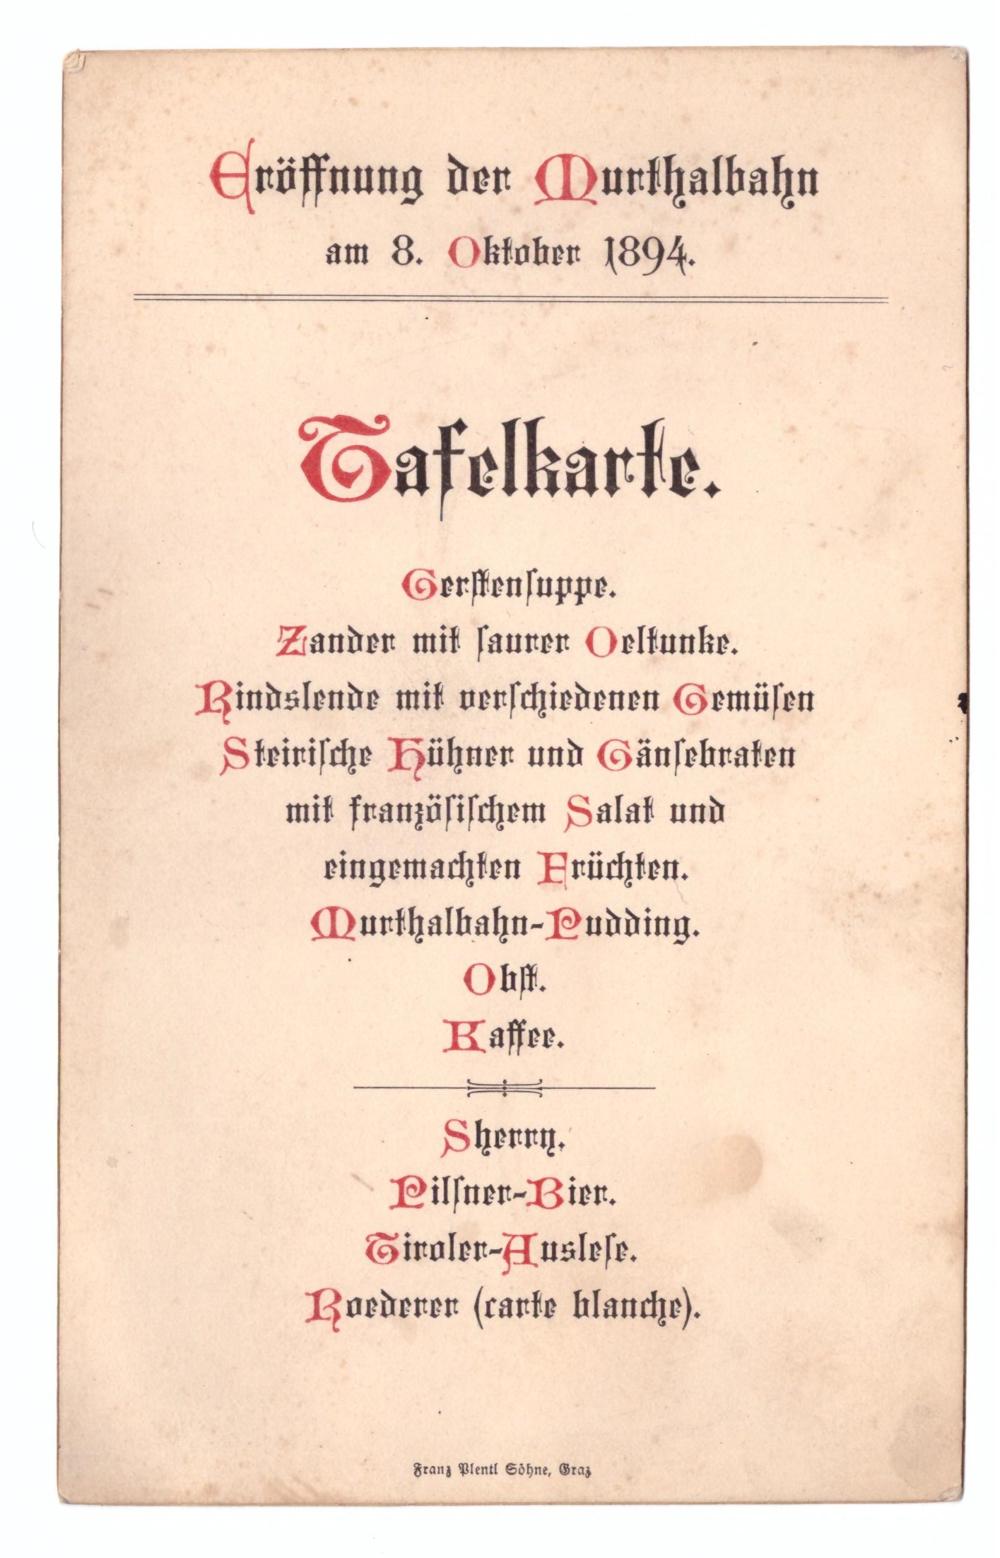 """Ernst - statt """"Henry im Zug"""" - die Karte des Caterings zur Eröffnung der Murthalbahn"""